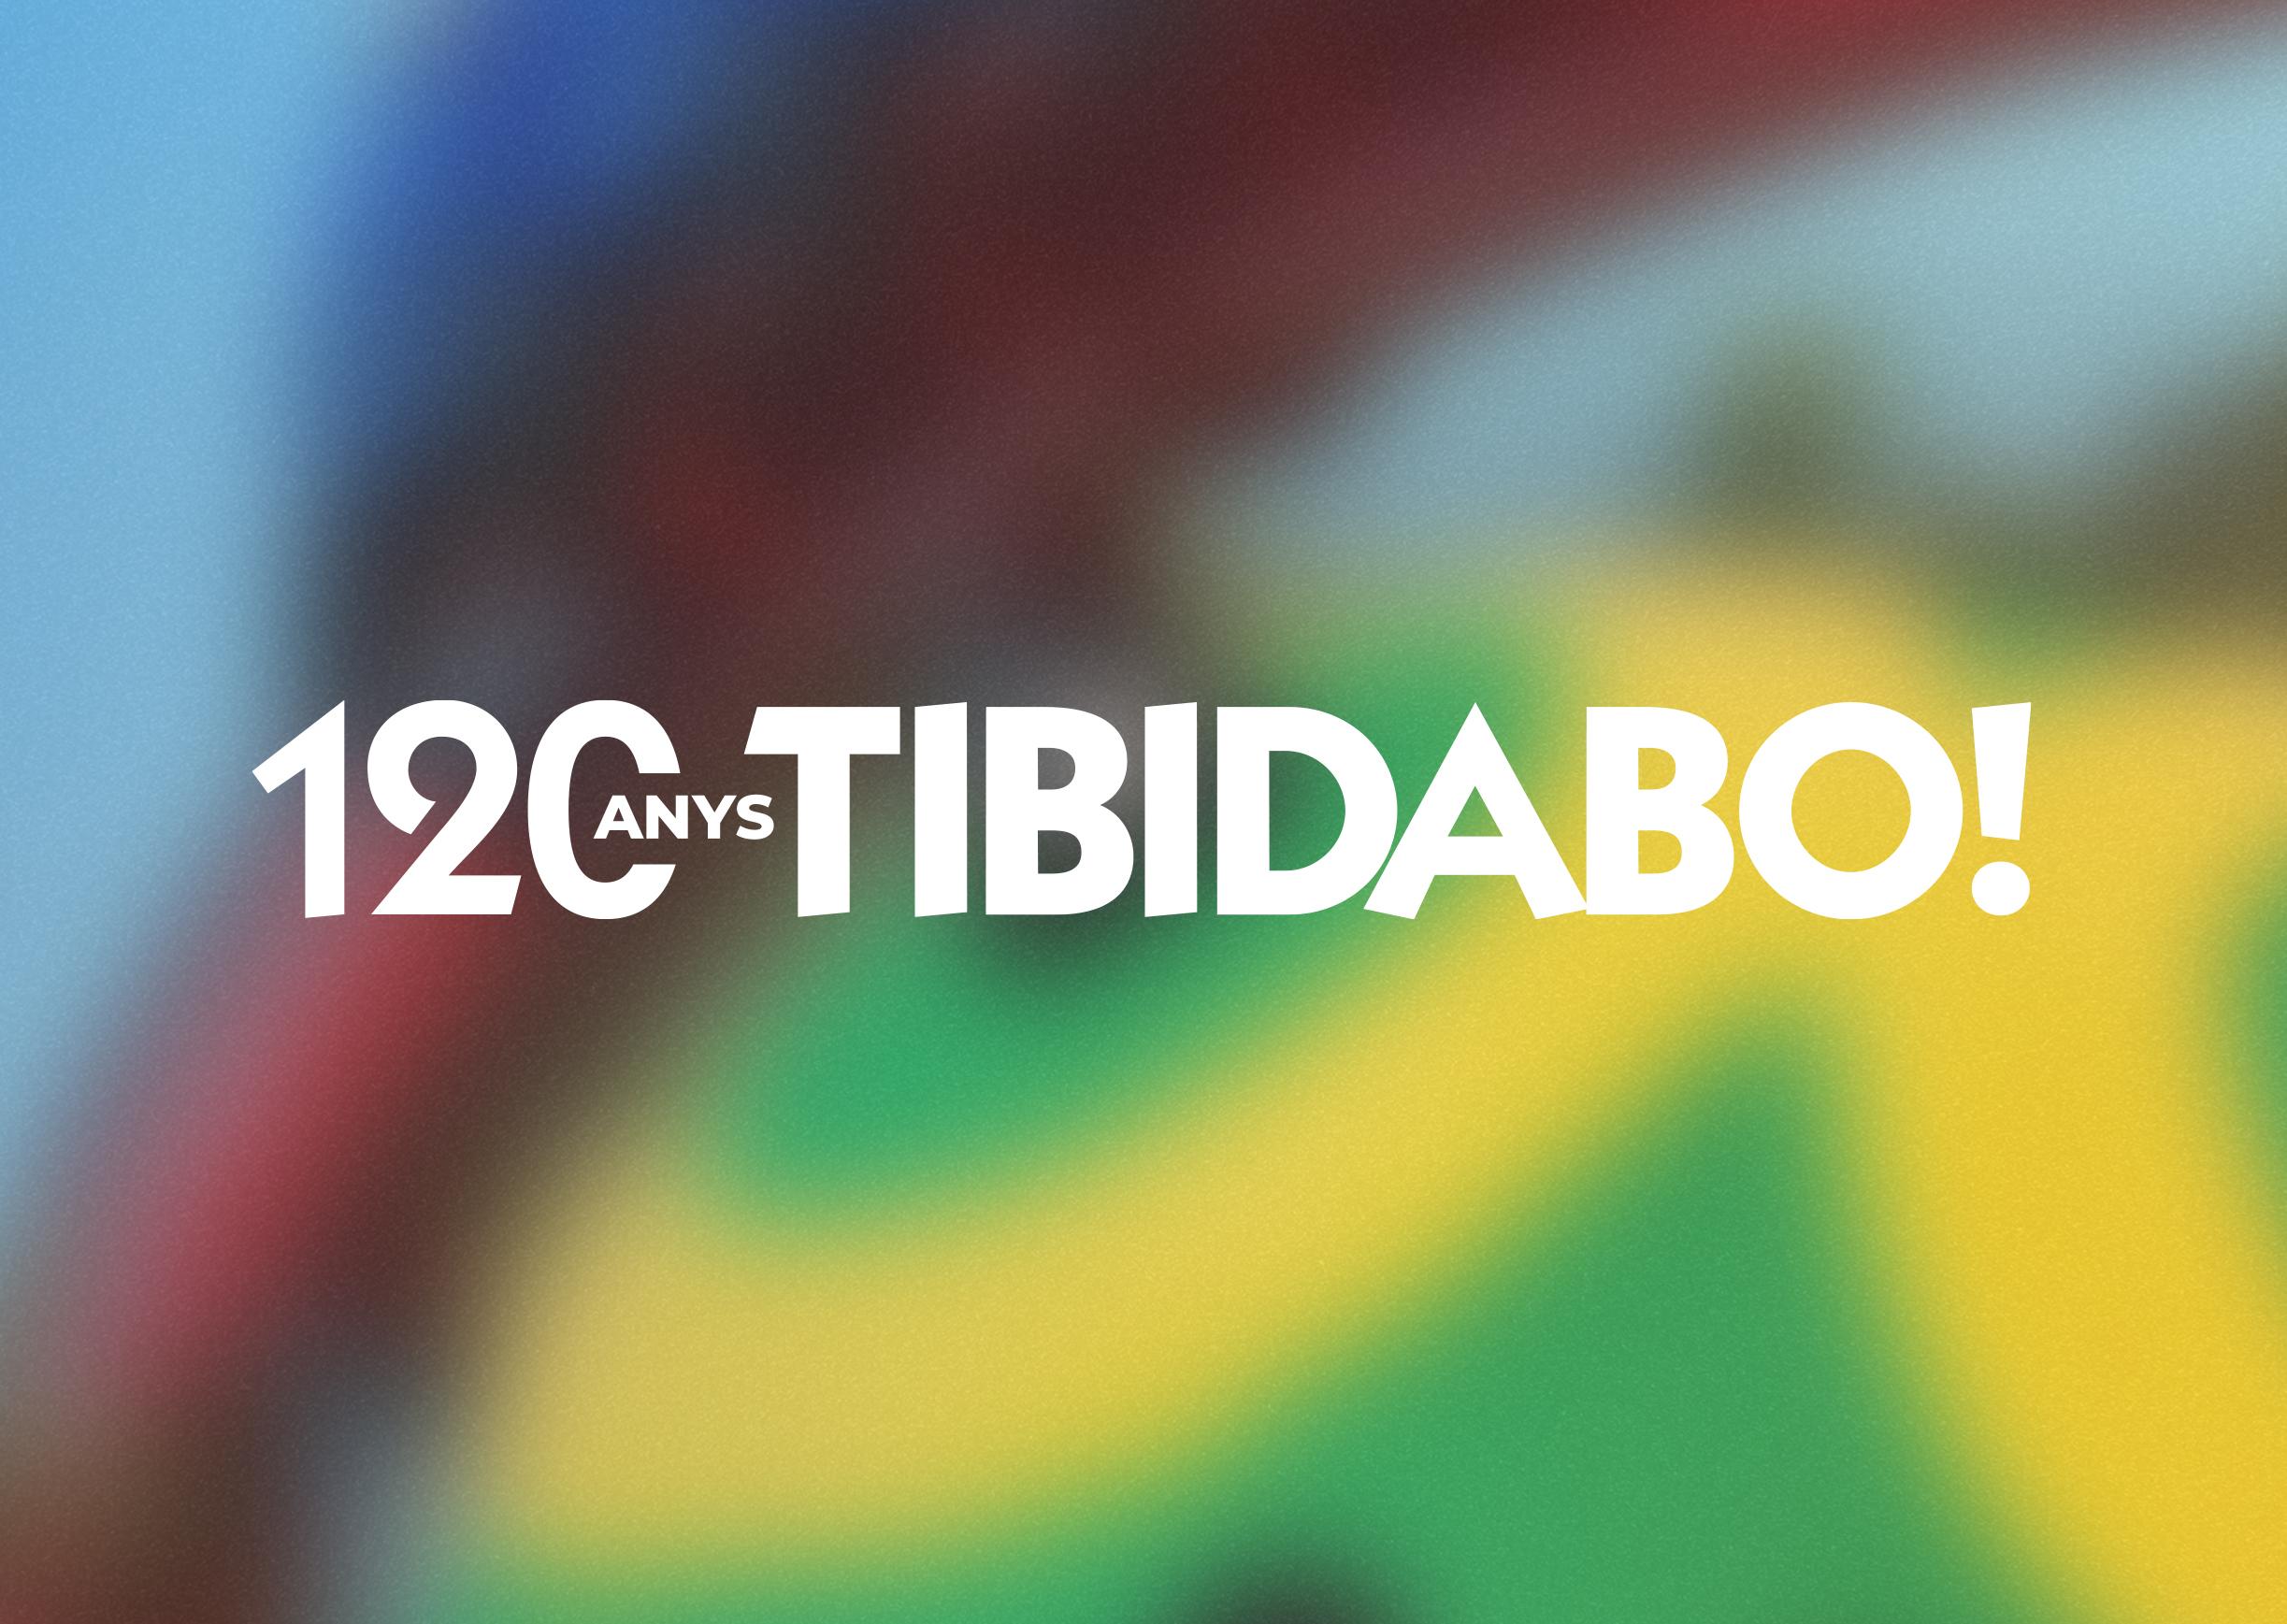 TIBIDABO_Campanya-120-Anys_2.jpg